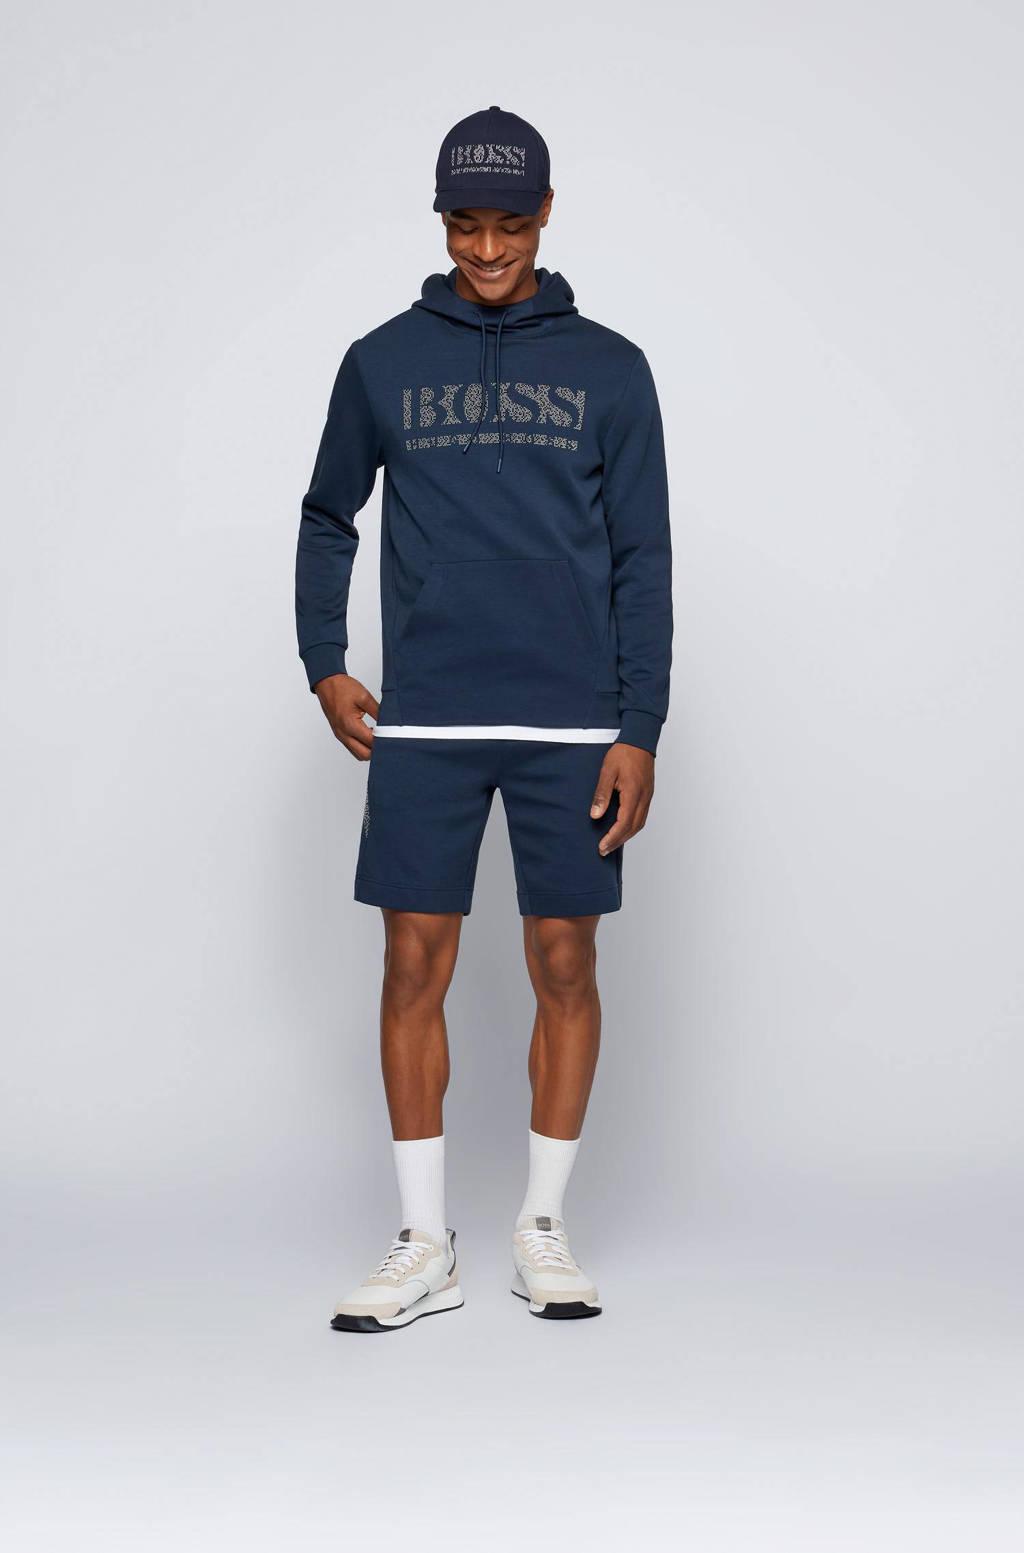 BOSS Athleisure hoodie Soody met logo 410 navy, 410 Navy